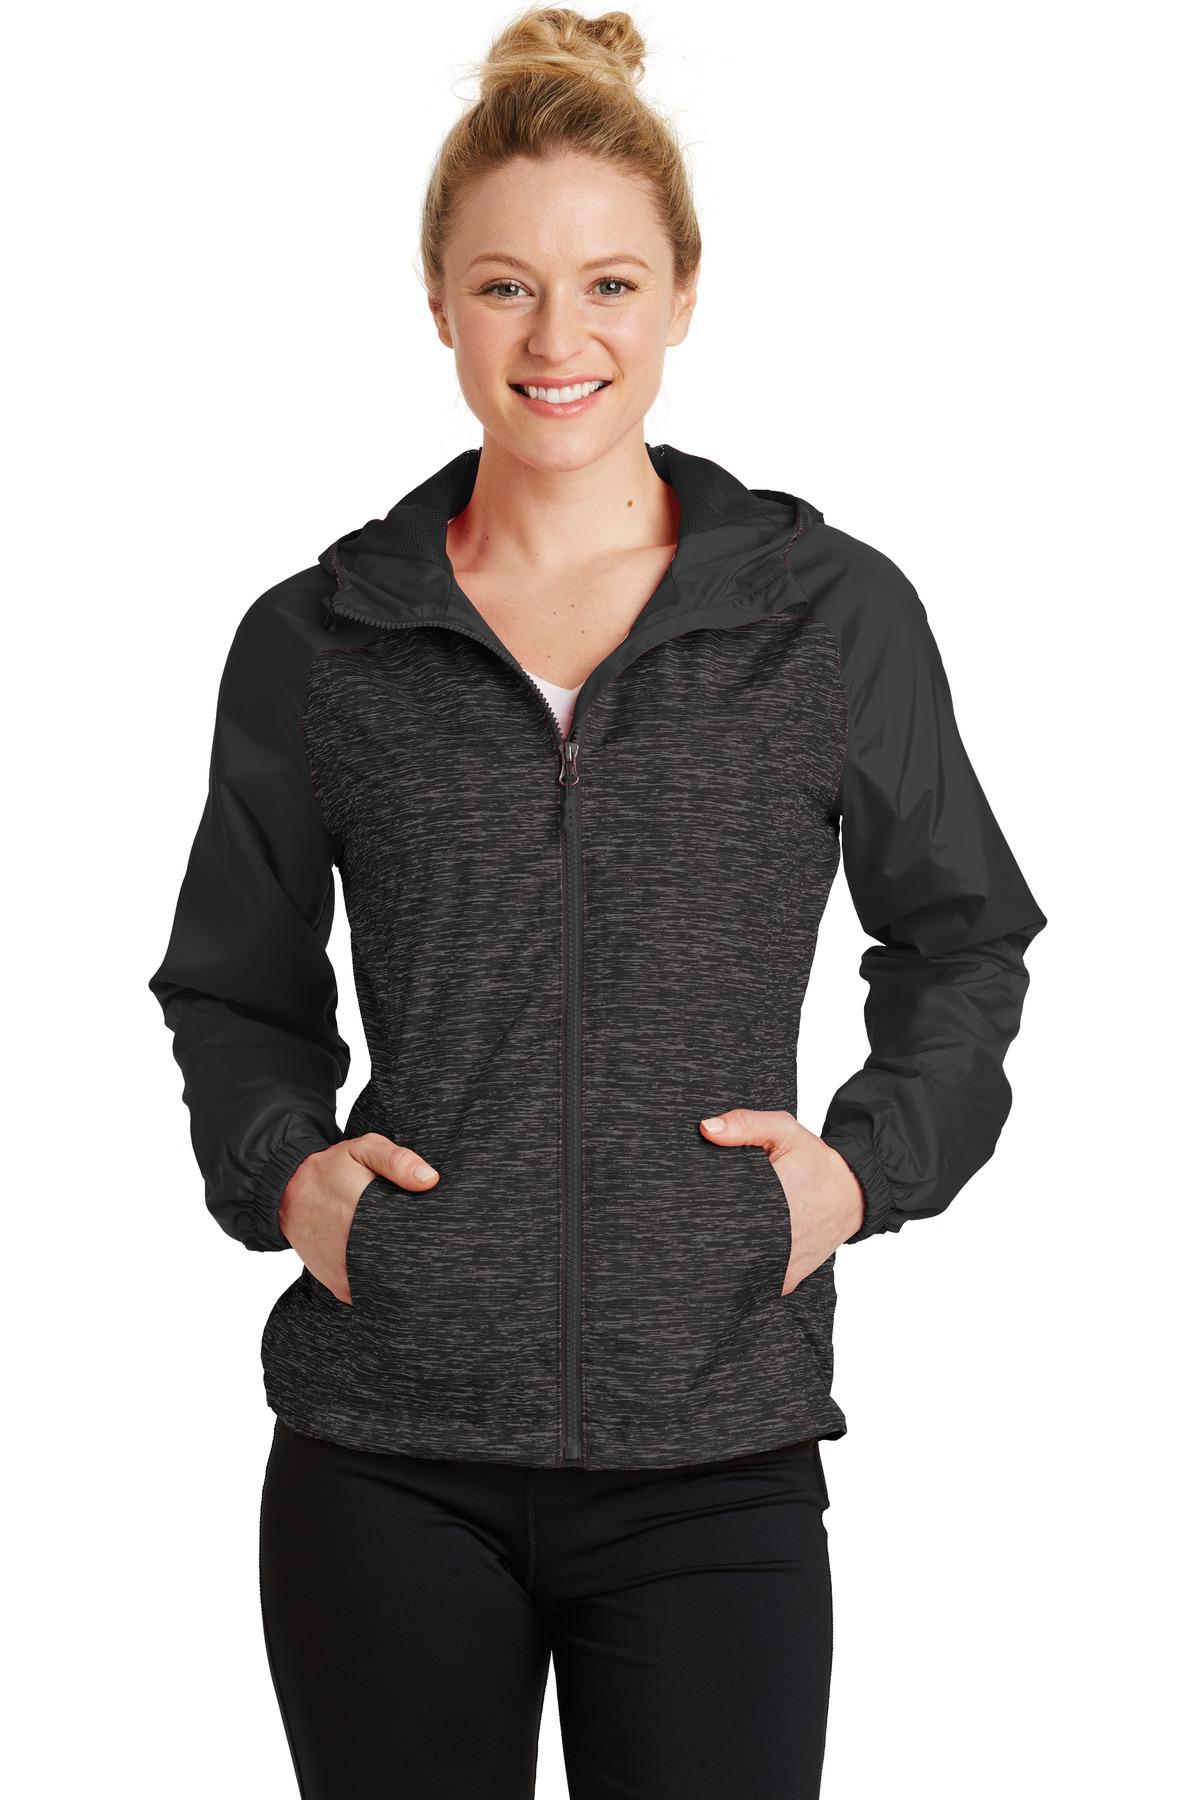 88b97d27 Sport-Tek ® Ladies Heather Colorblock Raglan Hooded Wind Jacket.  LST40Athletic/Warm-Ups, Corporate Jackets, Ladies, Ladies, Outerwear,  Outerwear, Rainwear